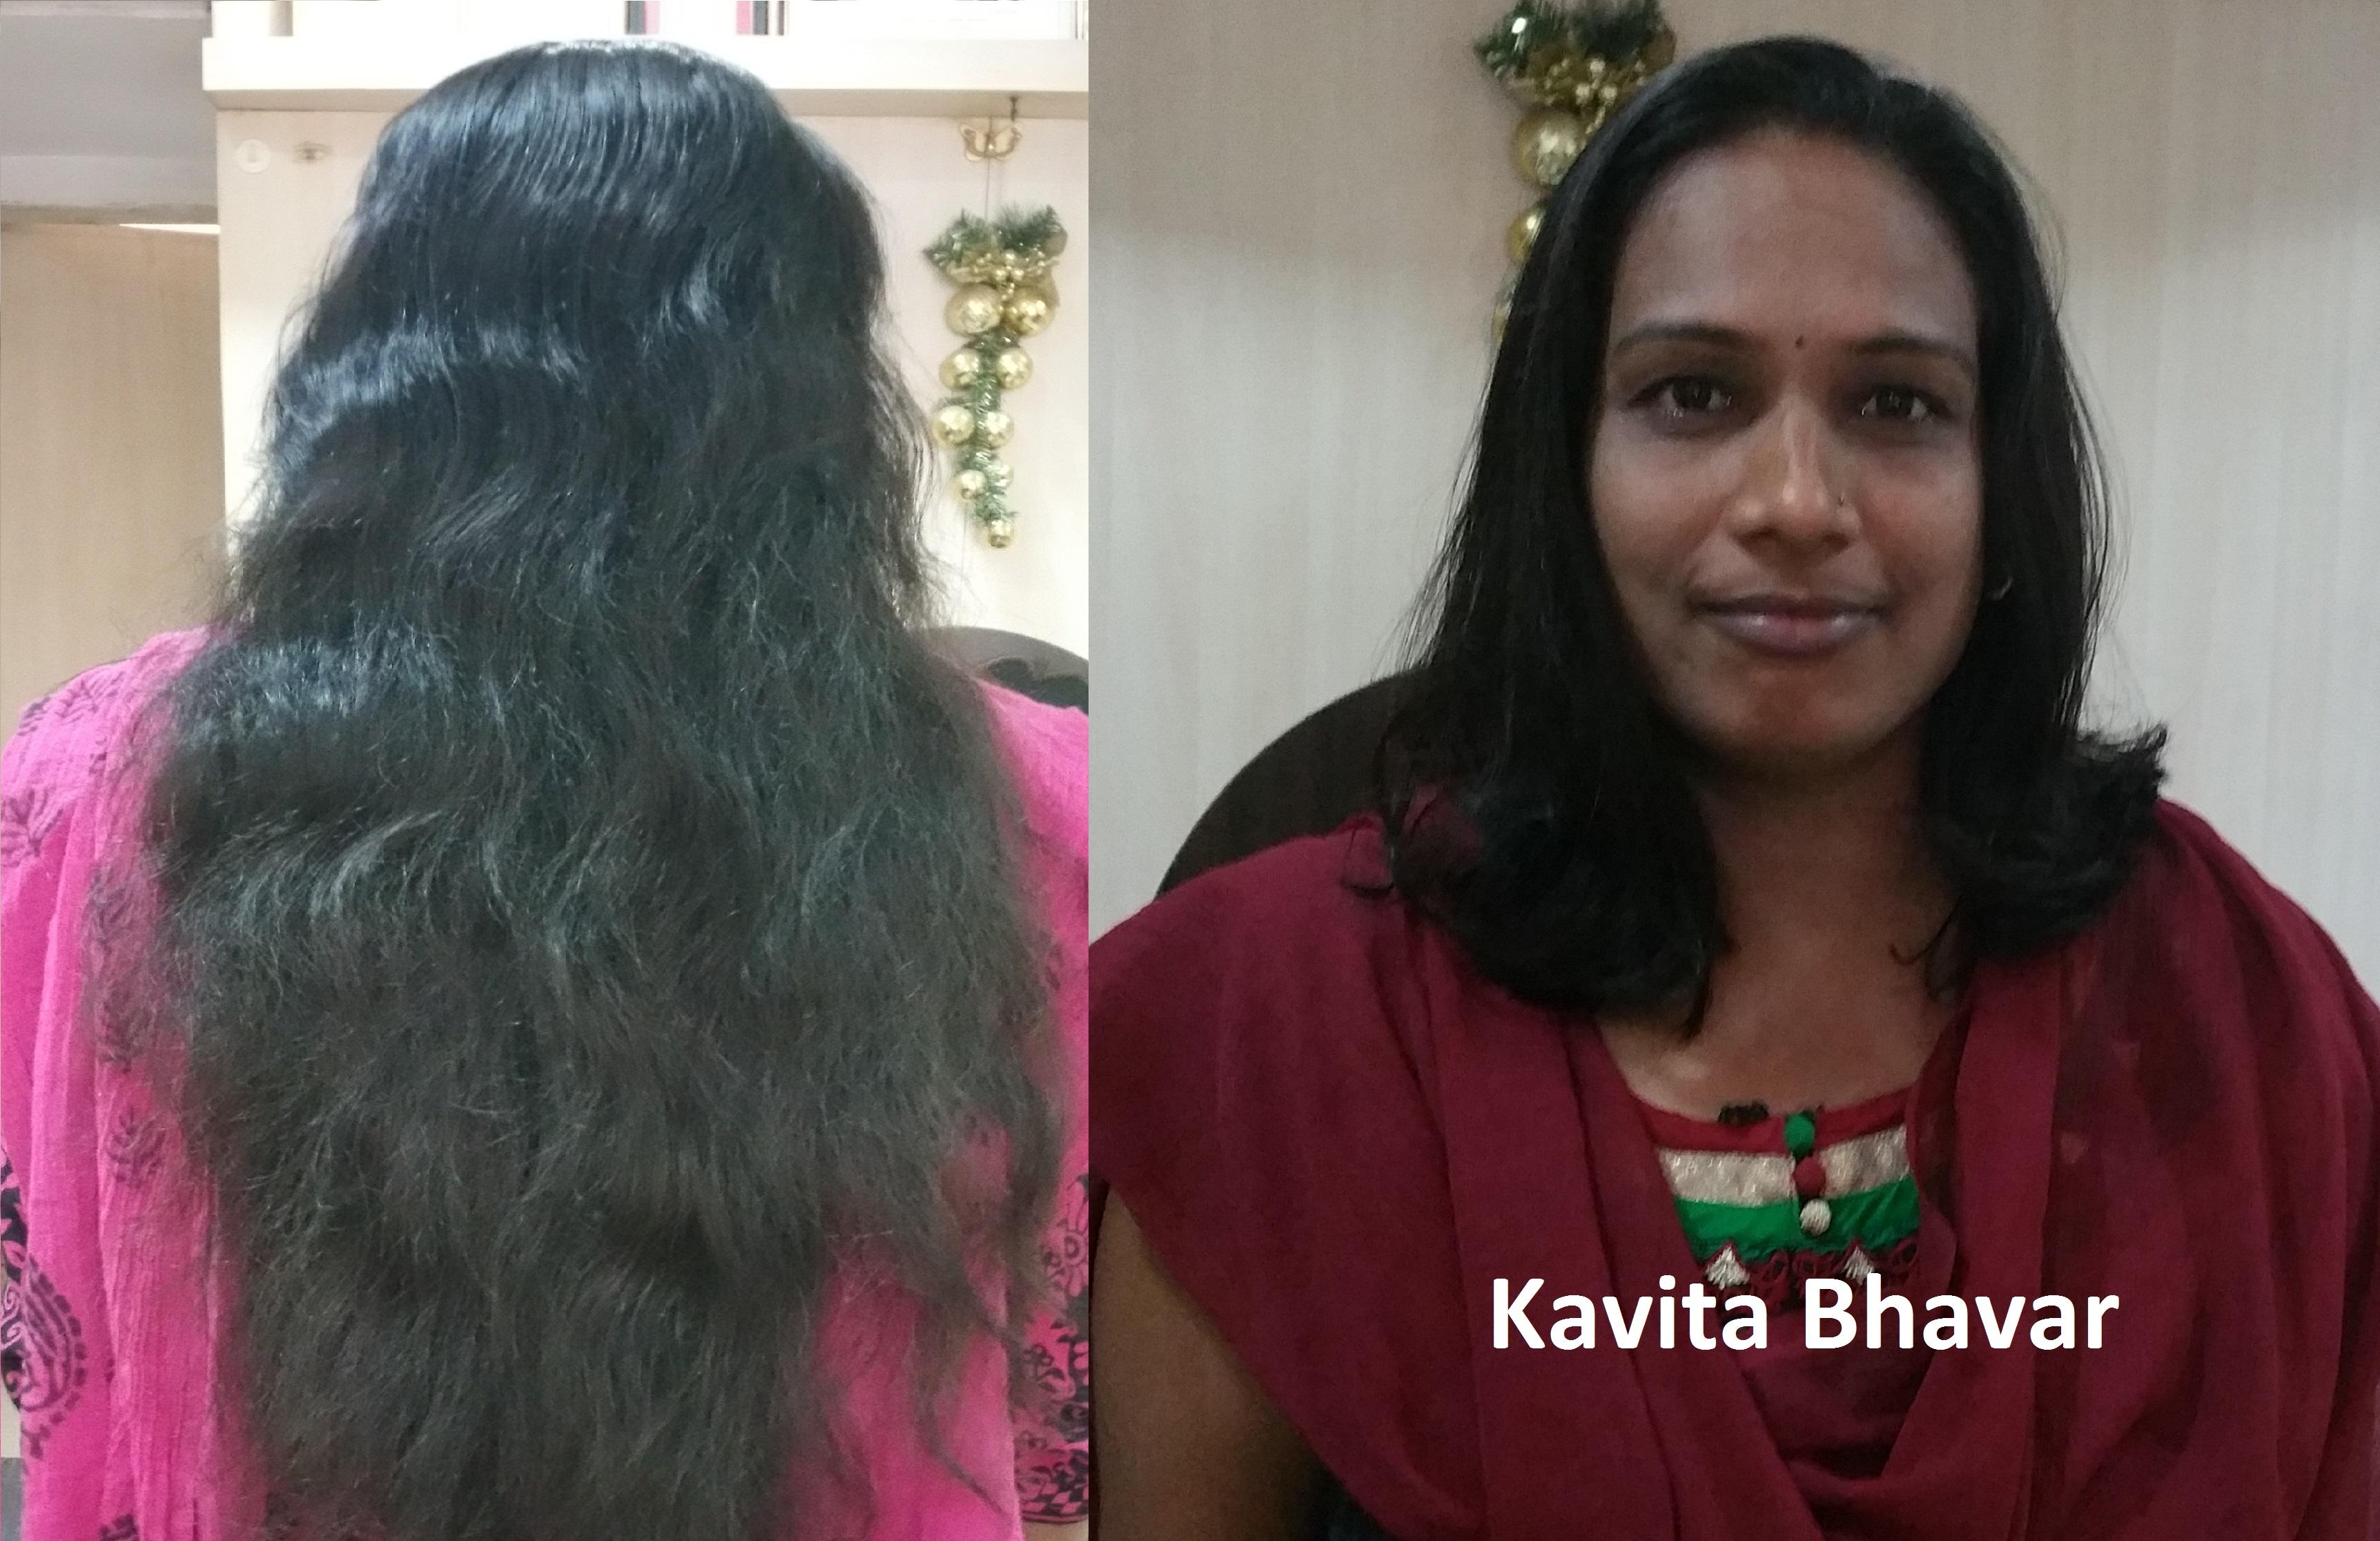 Kavita Bhavar